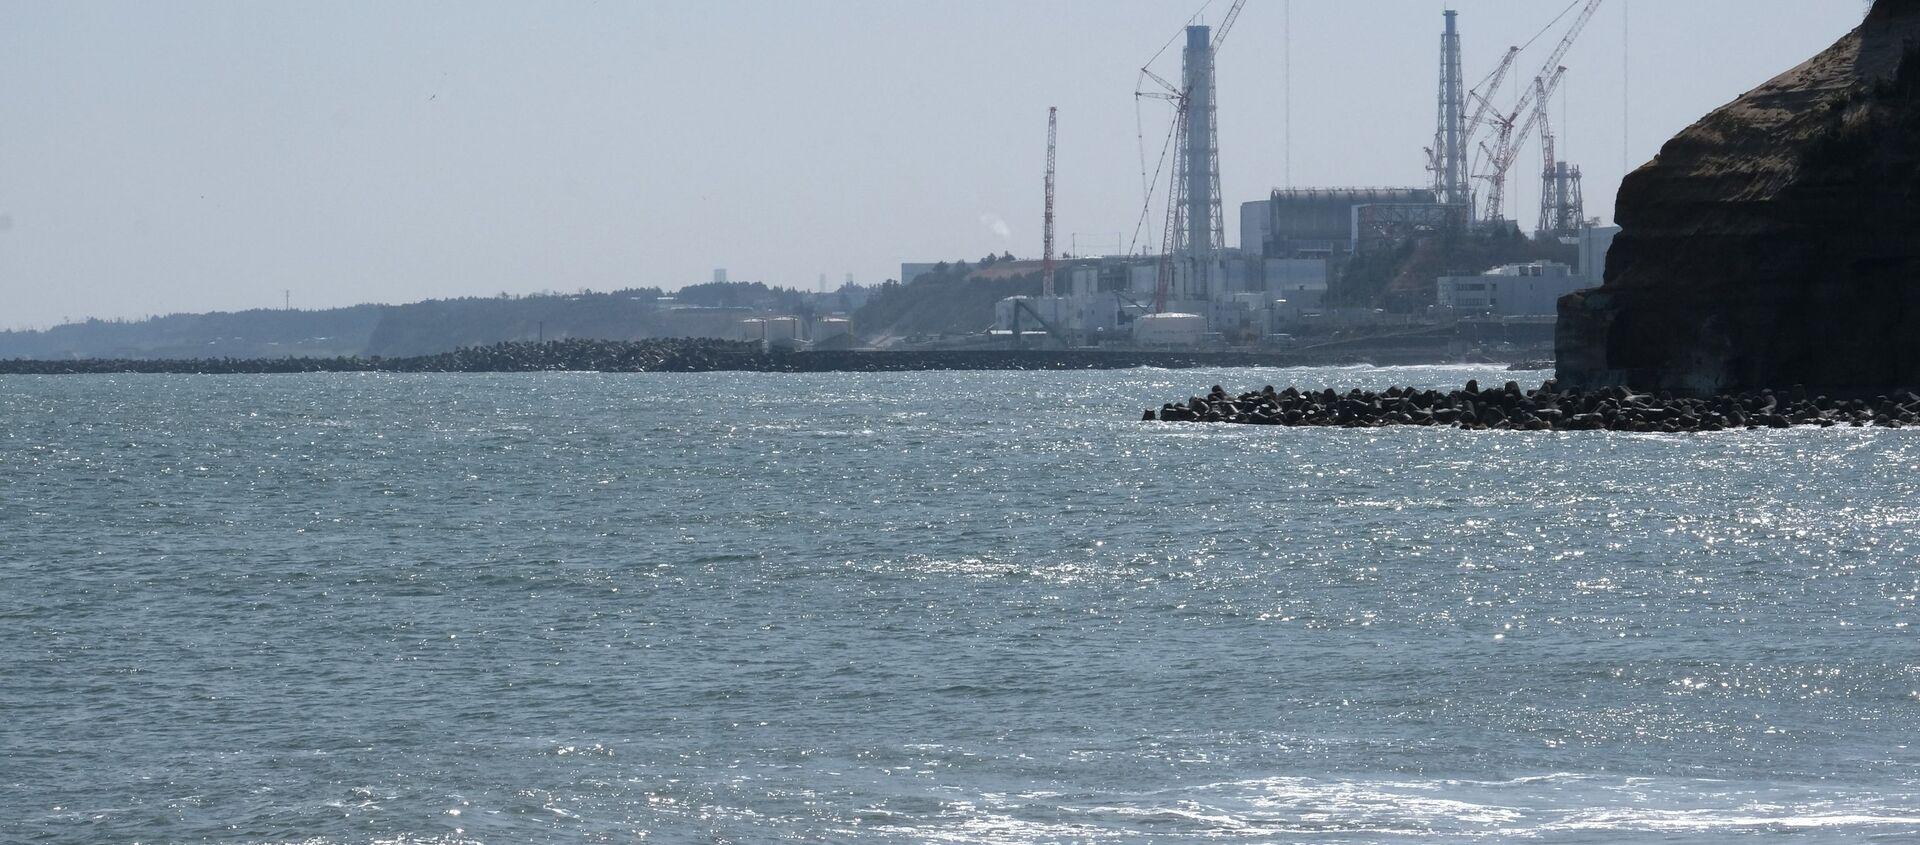 日本のミサイル防衛:米国は中国との双極体制に向かうのか? - Sputnik 日本, 1920, 22.04.2021